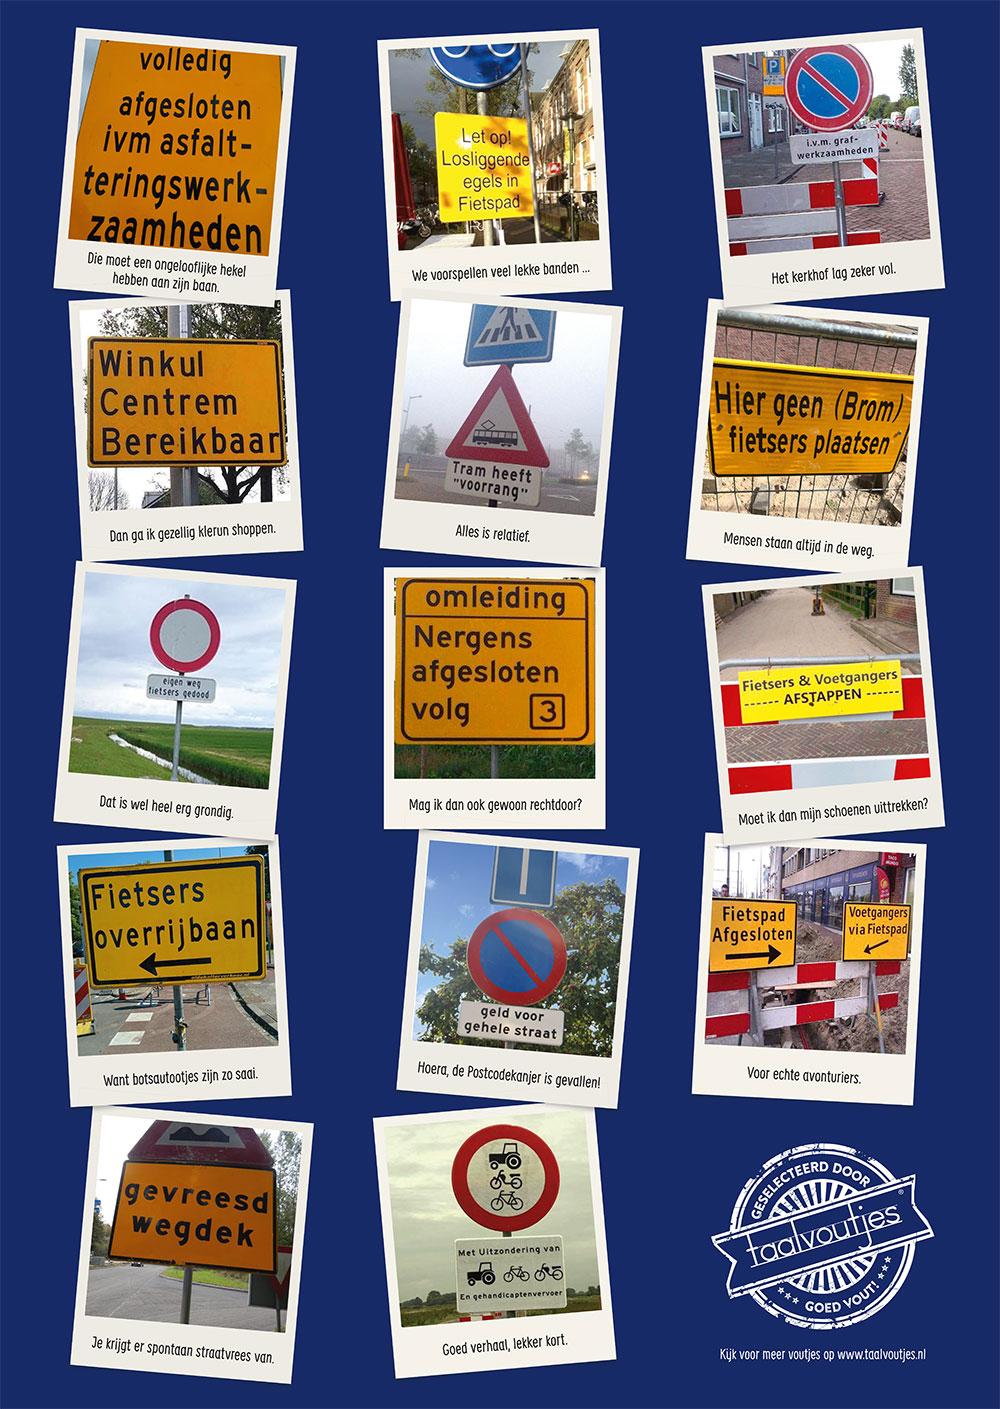 Taalvoutjes_posters_2019_verkeersborden